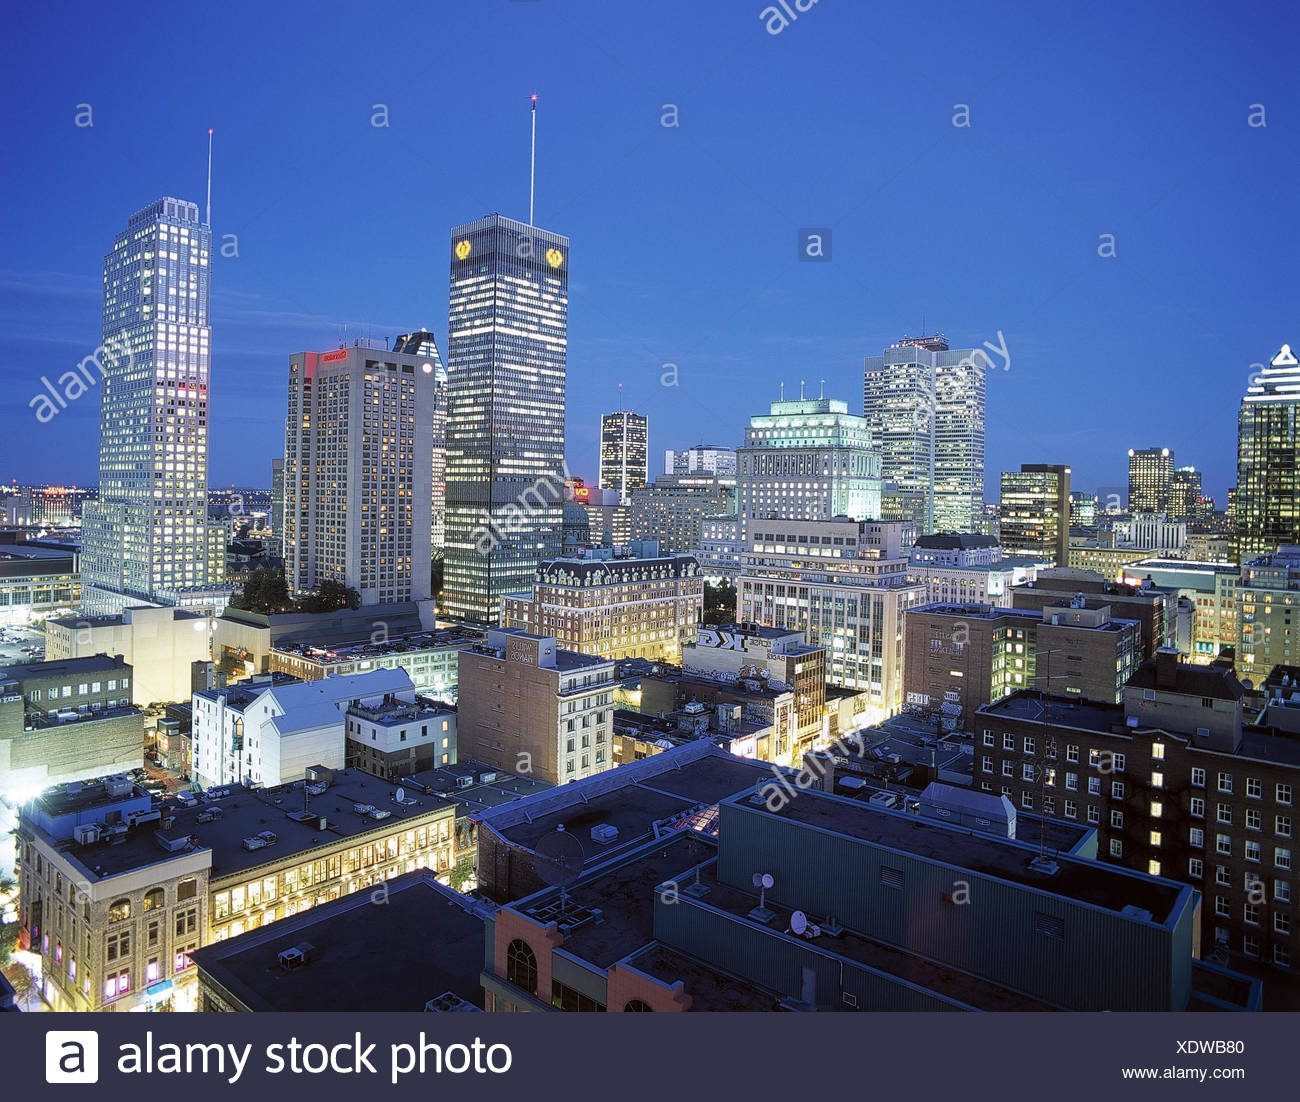 Kanada, Provinz Quebec, Montreal,  Stadtansicht, Dämmerung  Canada, Häuser, Gebäude, Hochhäuser, Wolkenkratzer, Downtown, Ansicht, außen - Stock Image